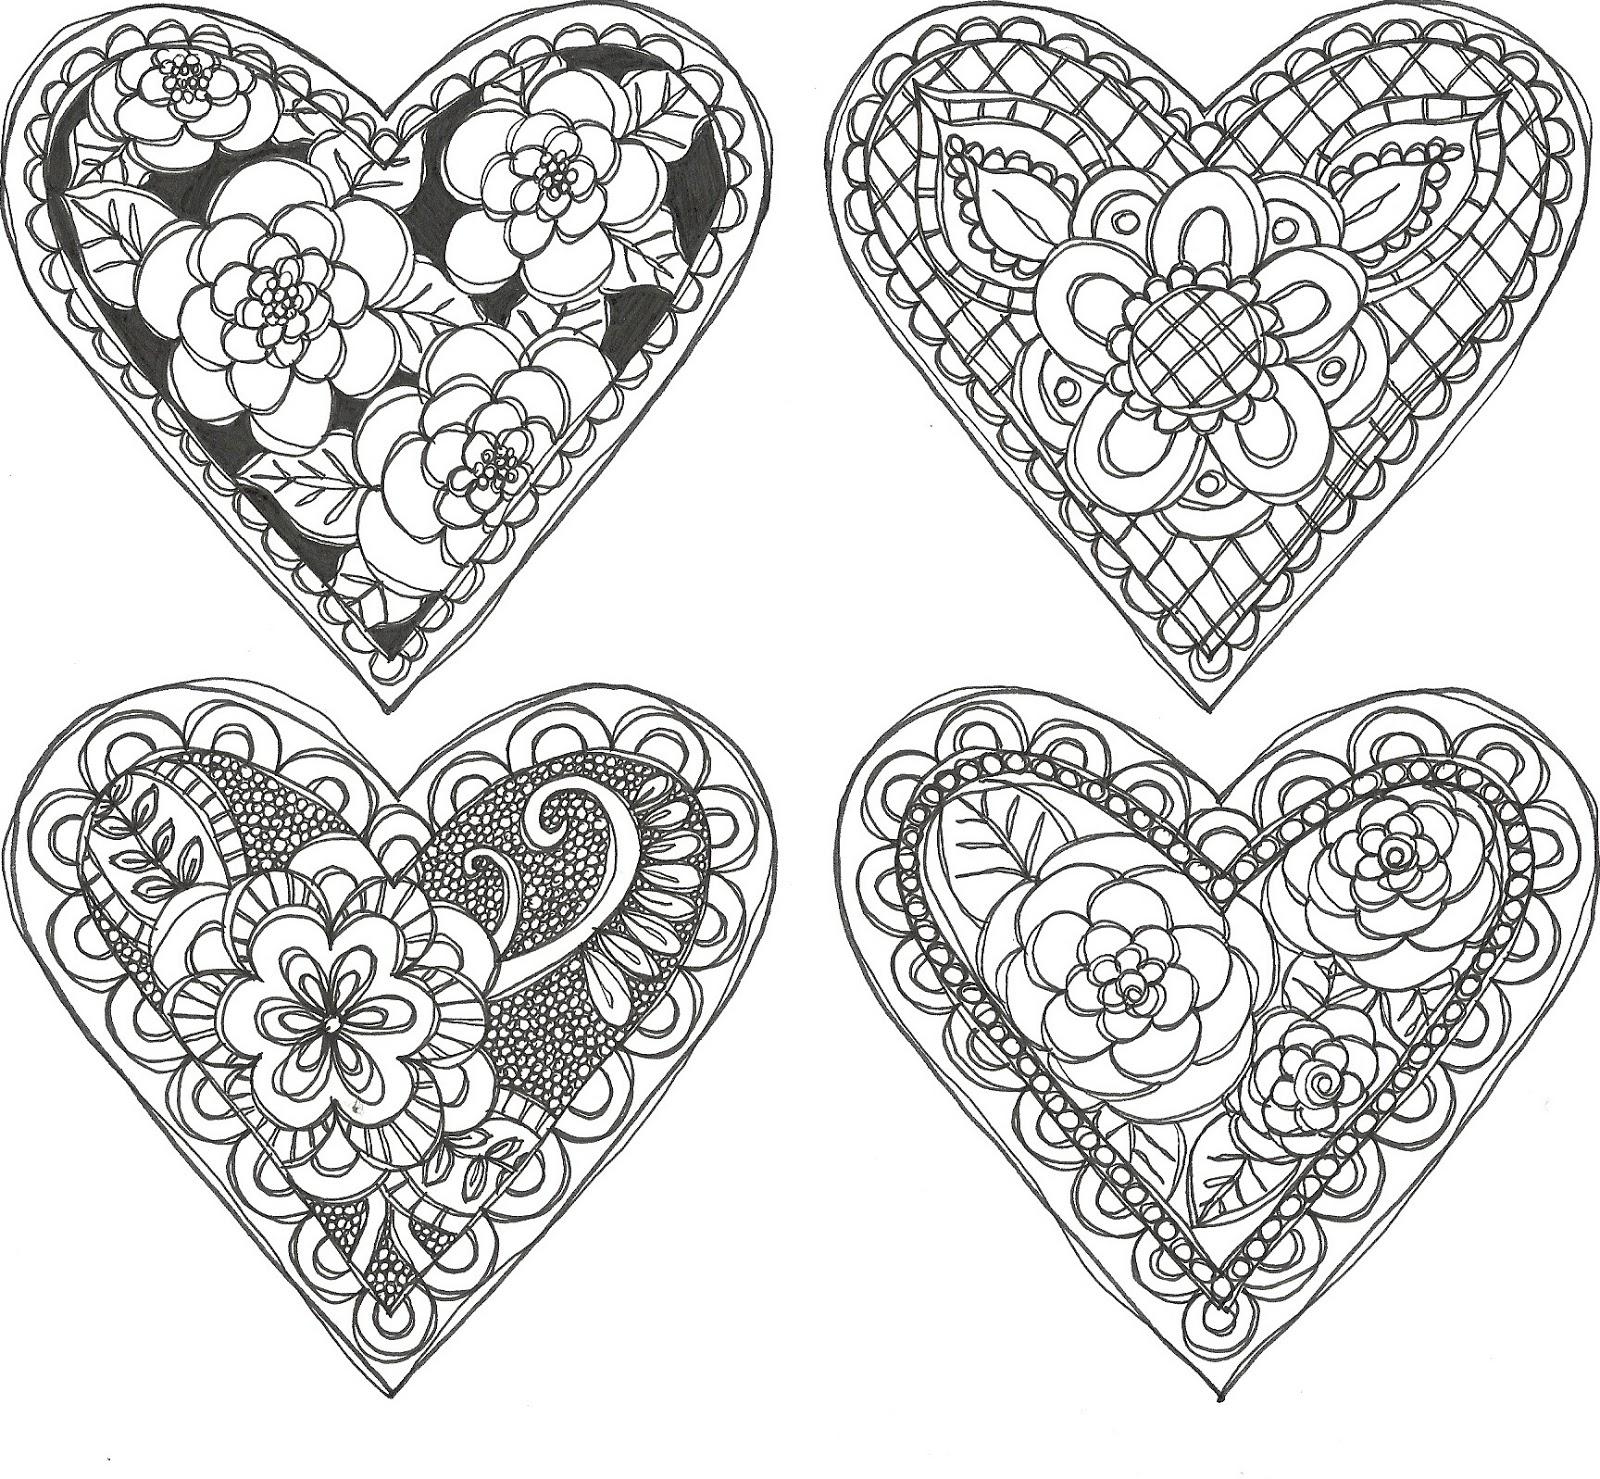 Doodle valentines